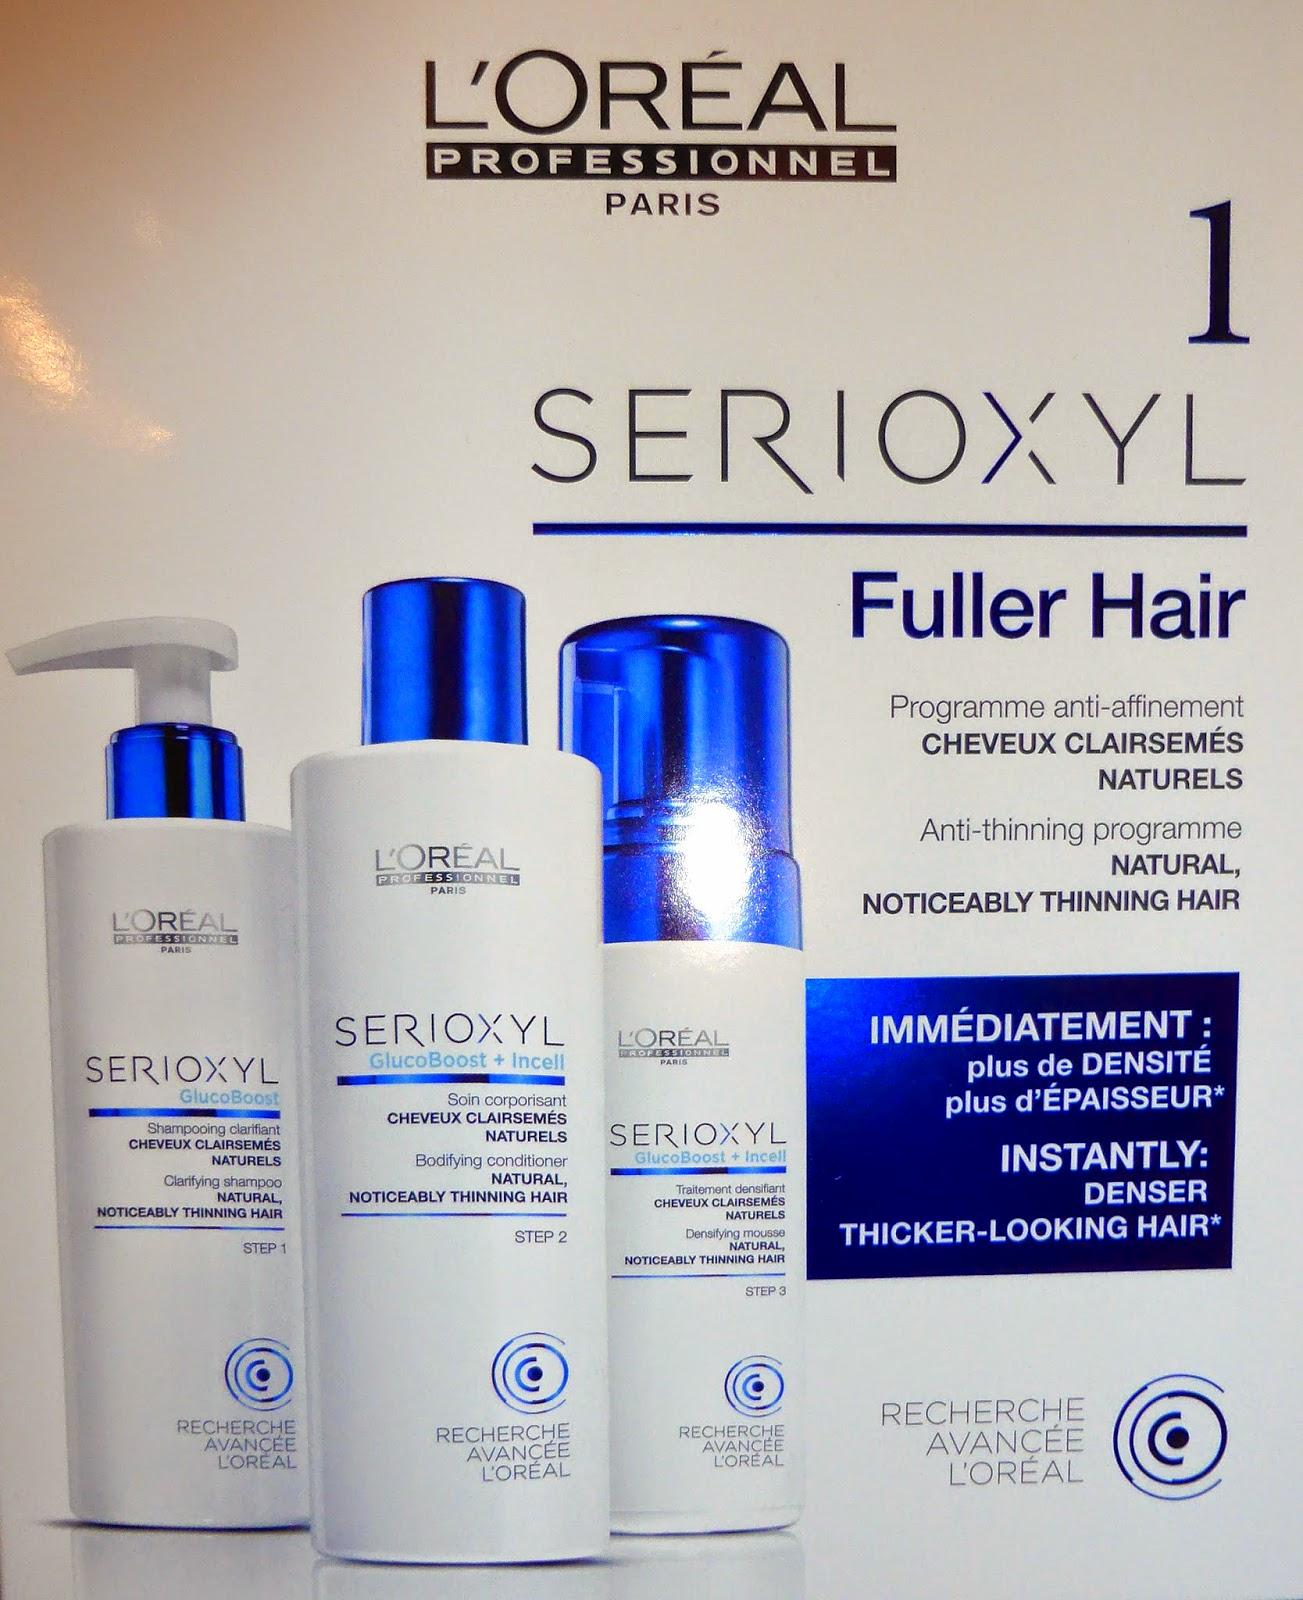 Serioxyl Fuller Hair, coffret pour cheveux affinés, naturels ou colorés, L'Oréal Recherche Avancée.